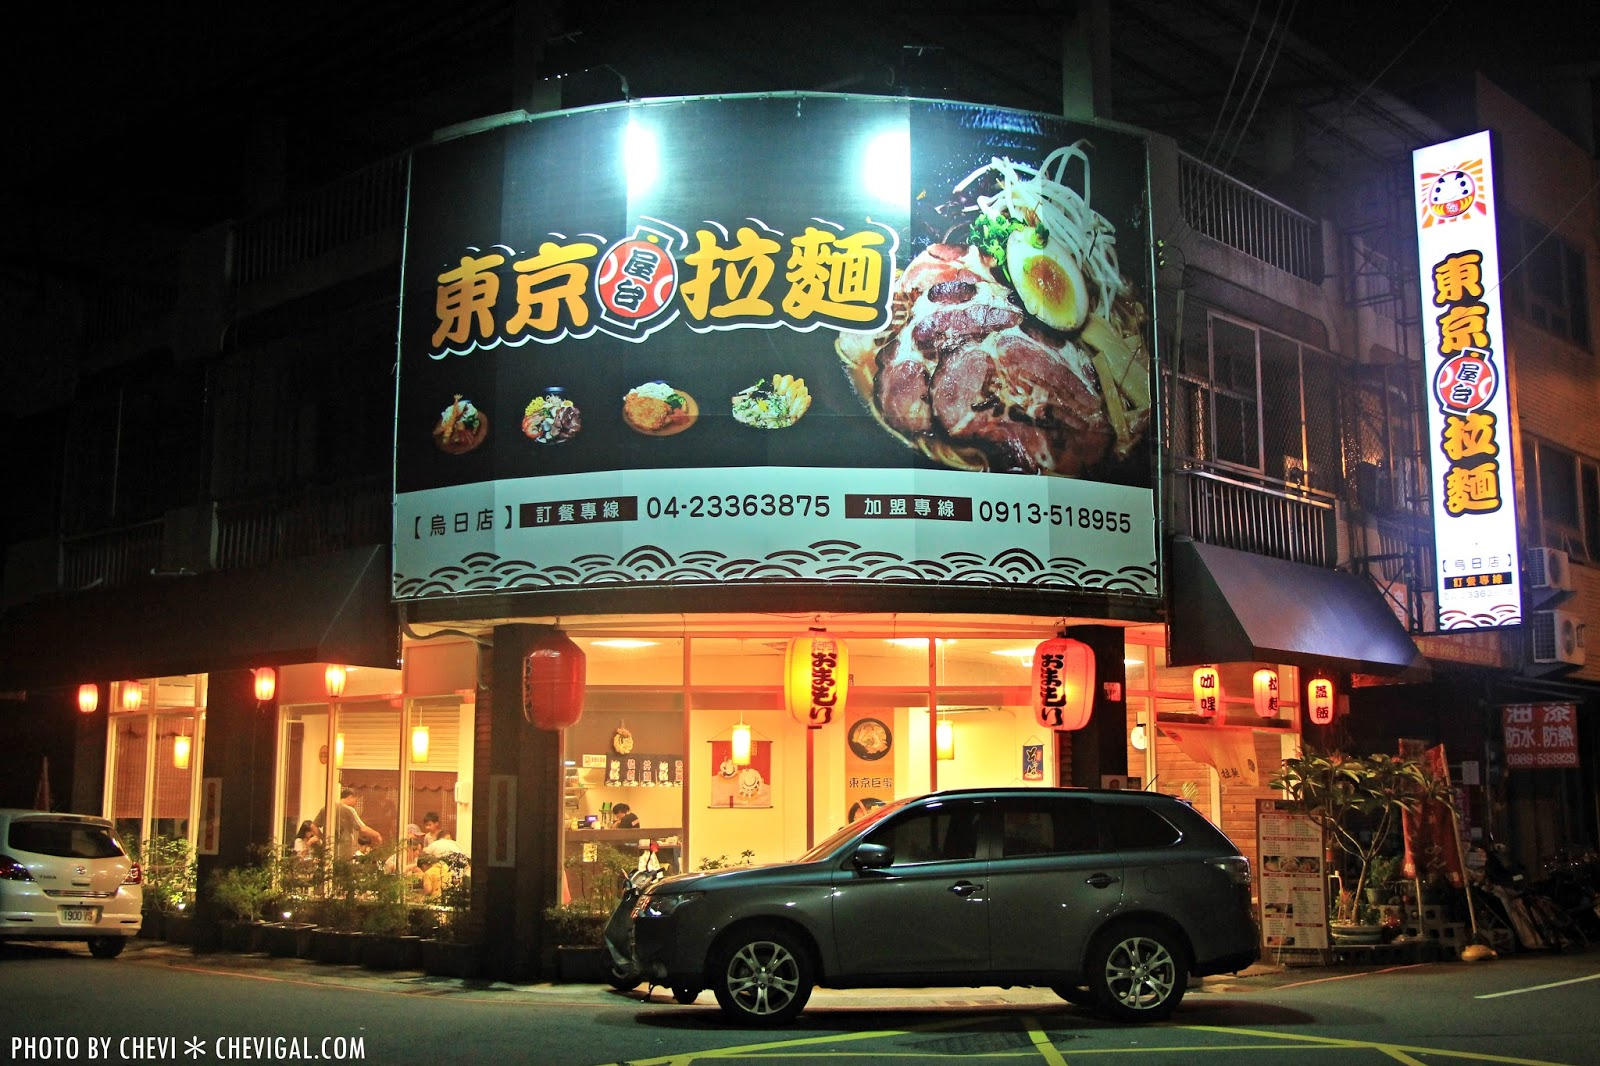 IMG 9416 - 台中烏日│東京屋台拉麵-烏日店。鵝蛋溏心蛋的巨蛋拉麵好特別。平價餐點口味還不錯